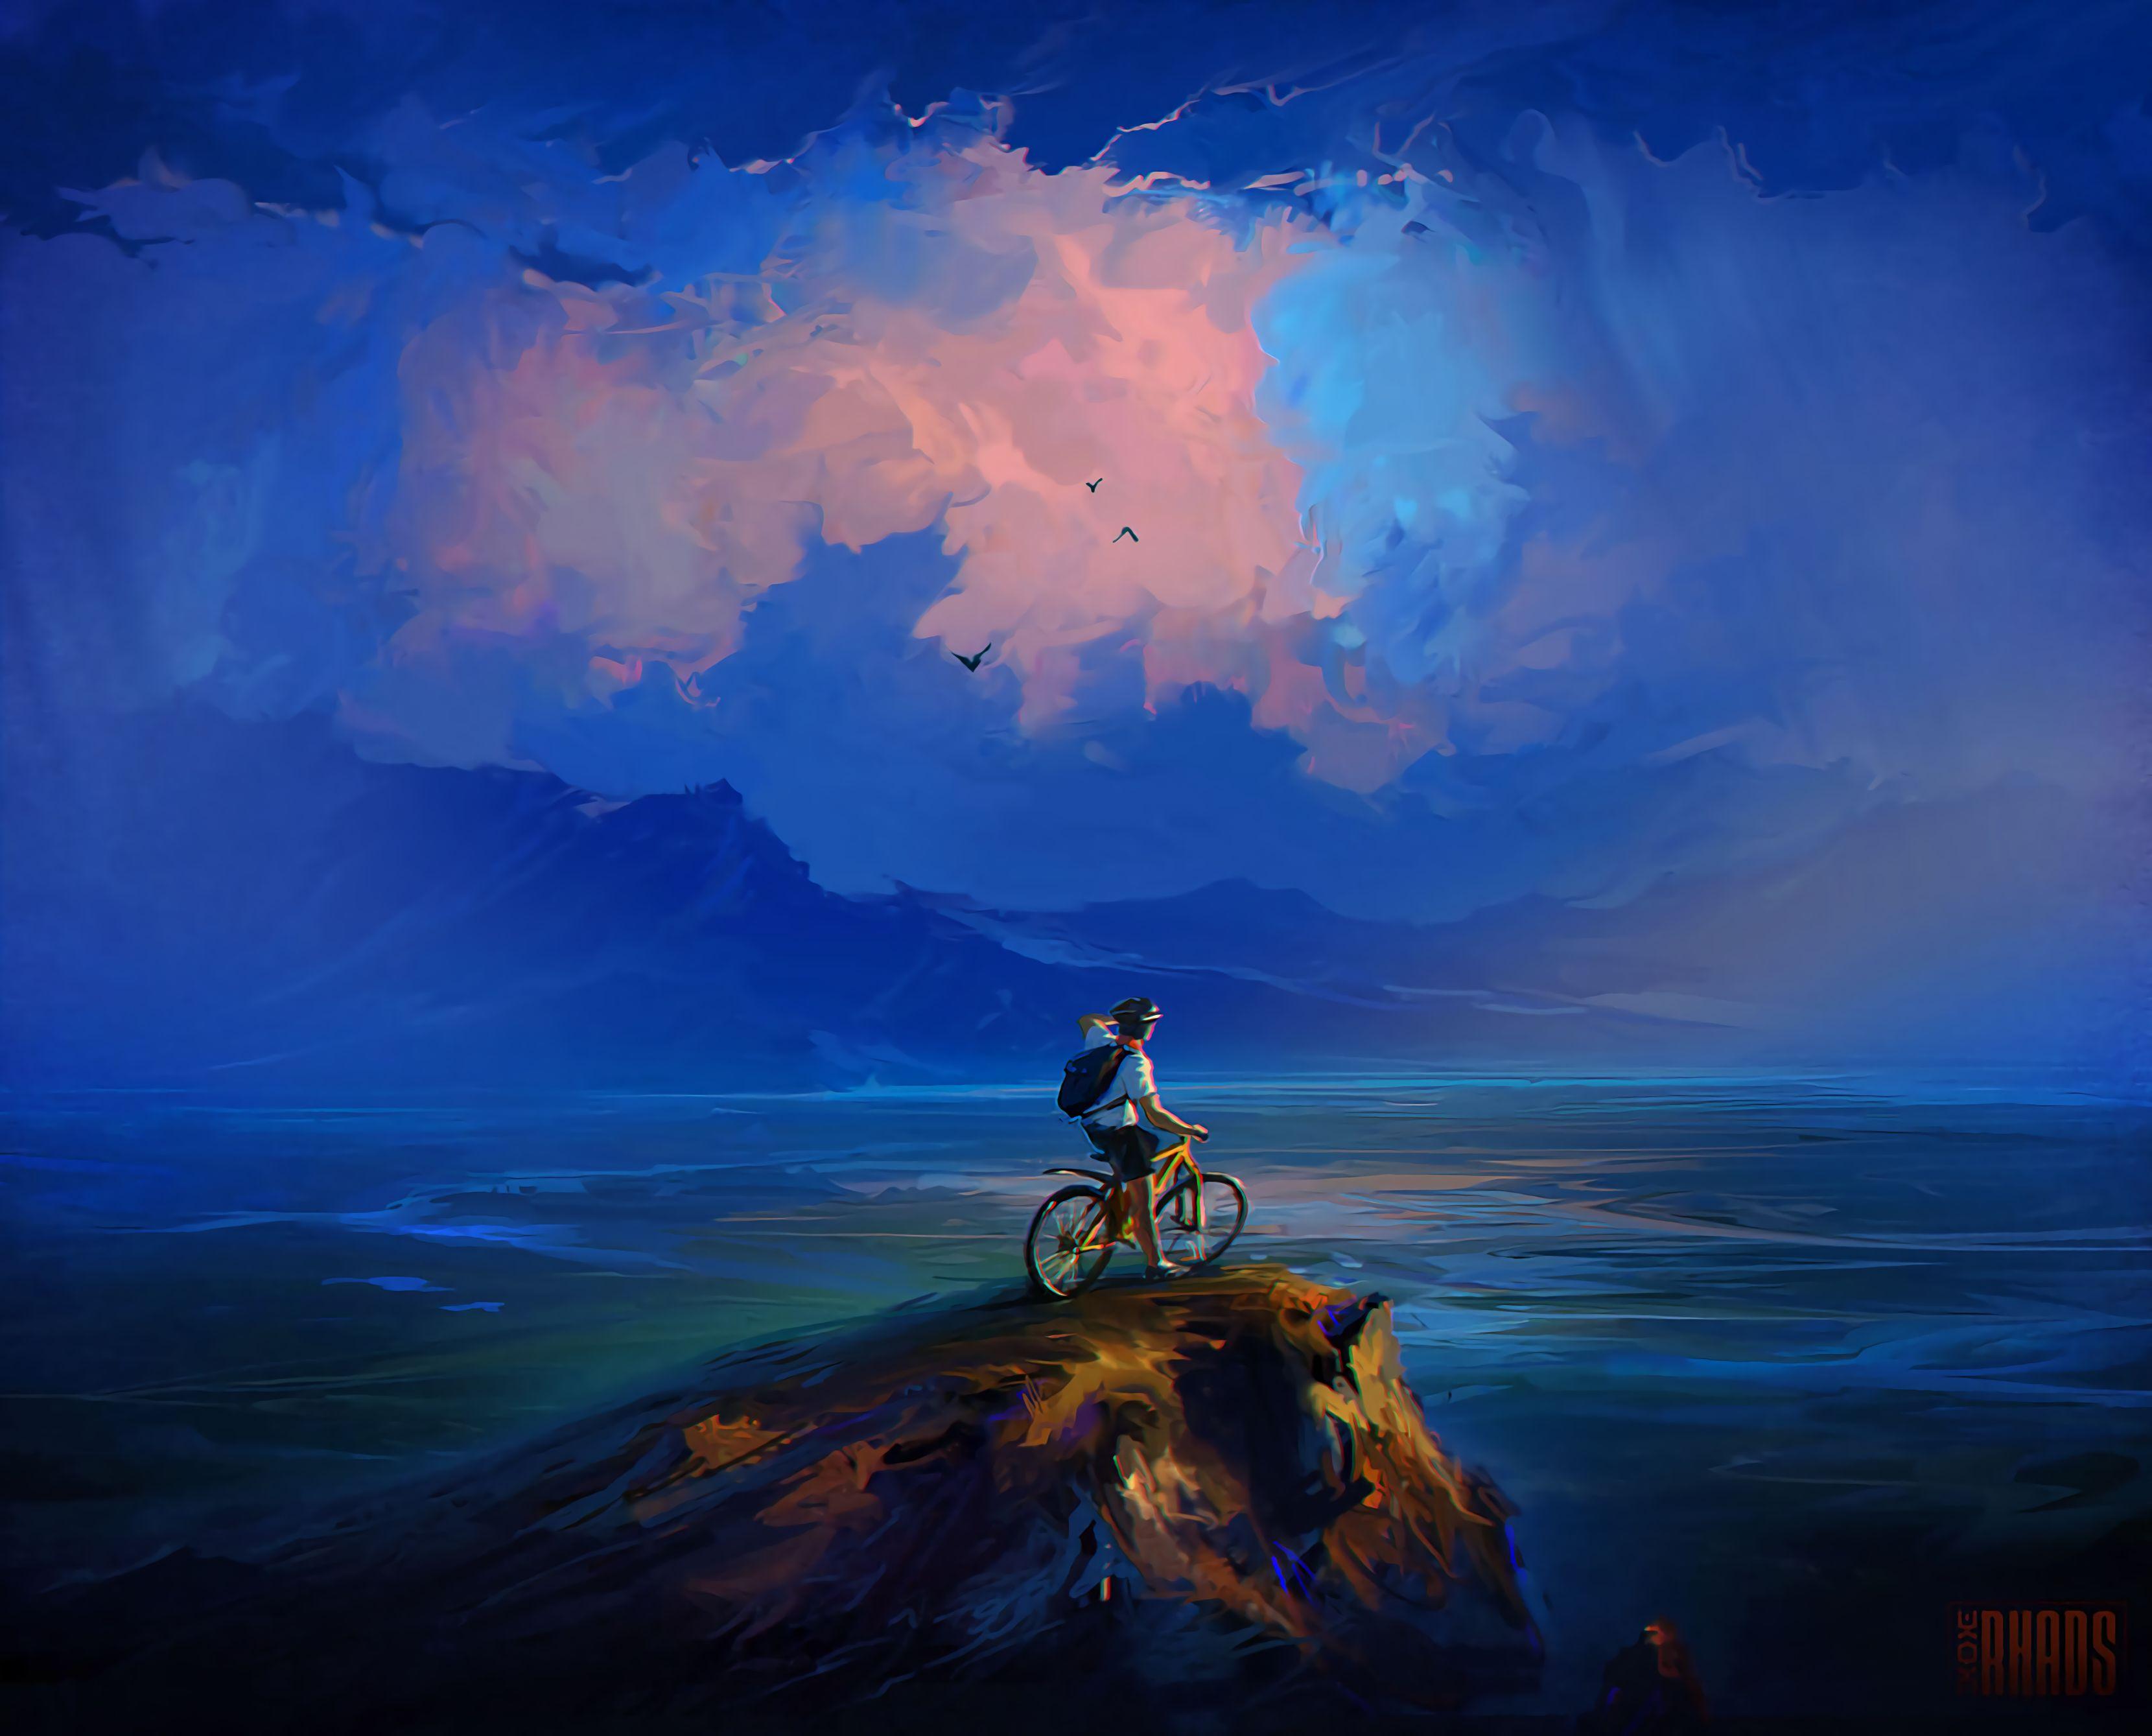 63028 papel de parede 320x480 em seu telefone gratuitamente, baixe imagens Arte, Mar, Nuvens, Pedra, Rocha, Pausa, Precipício, Ciclista 320x480 em seu celular